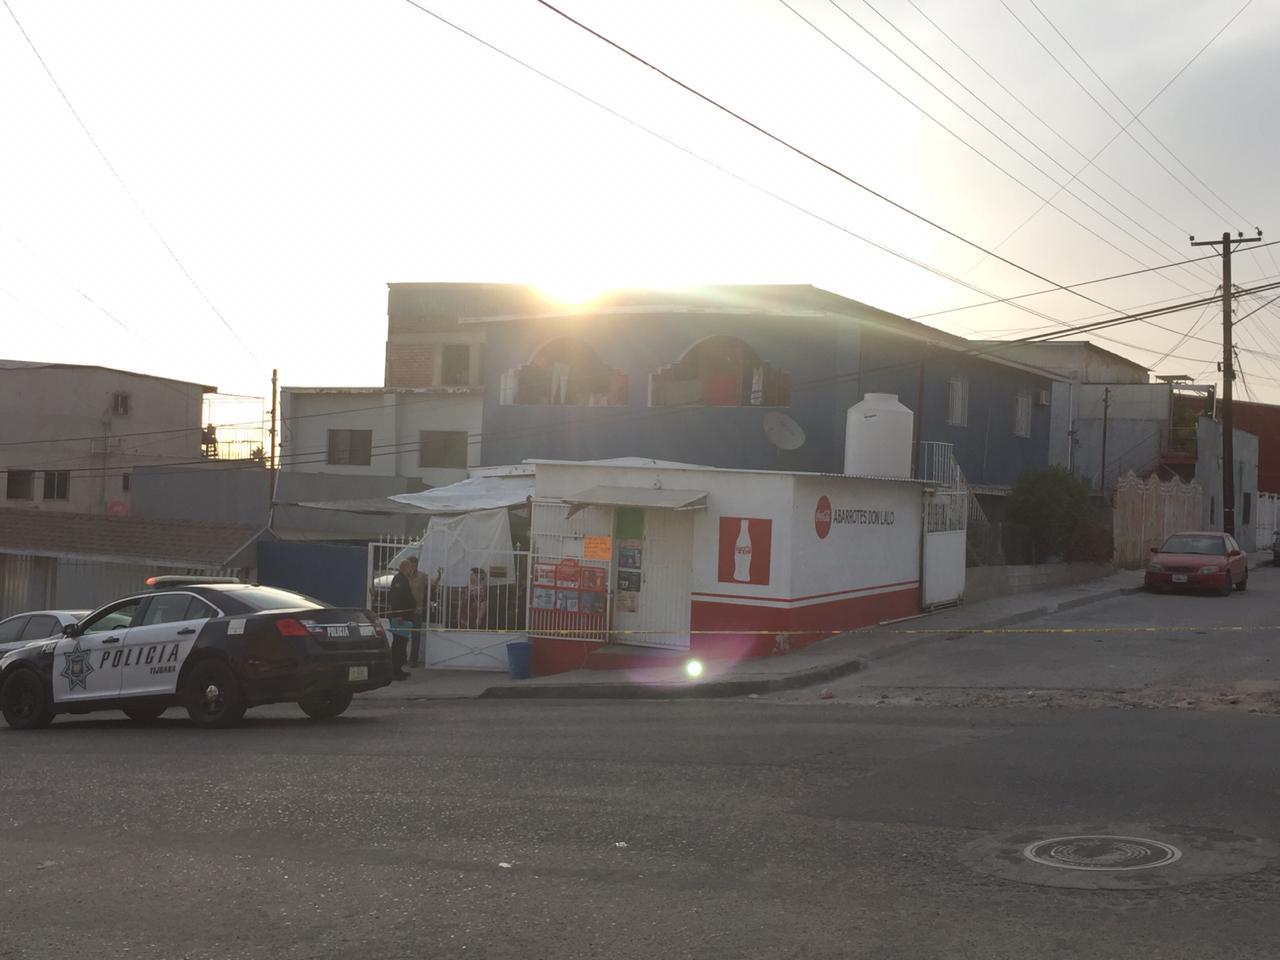 asalto, armado, tienda, Guaycura